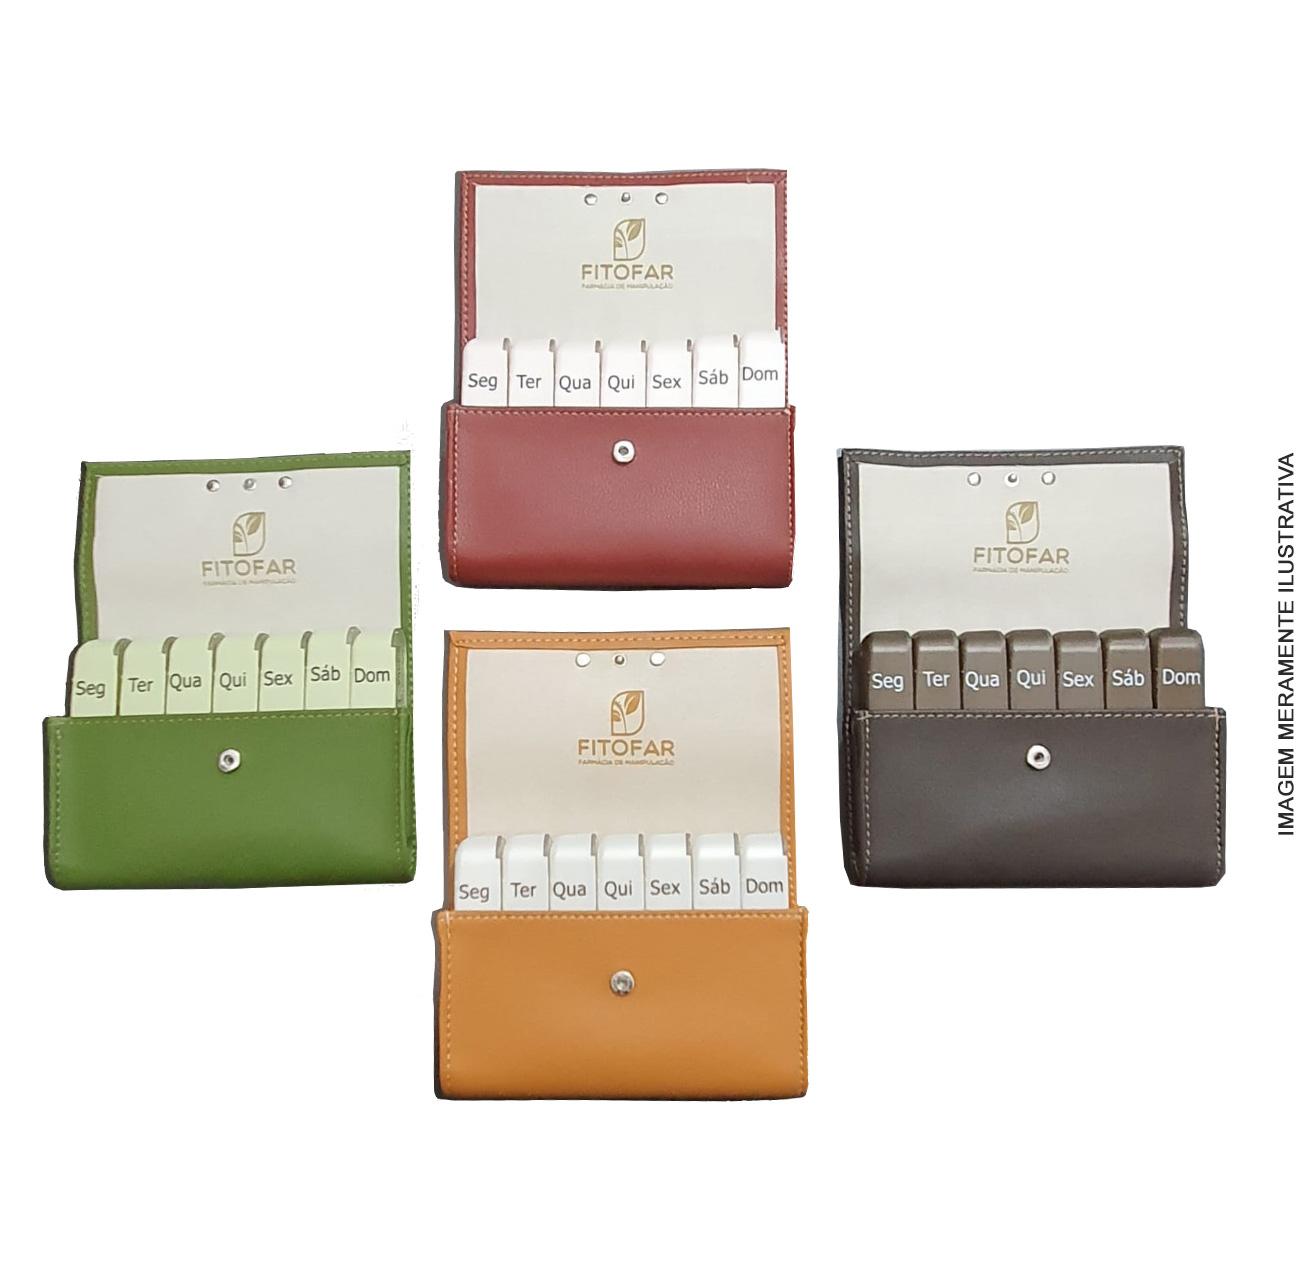 Porta comprimidos Pillbox Liberty Fitofar